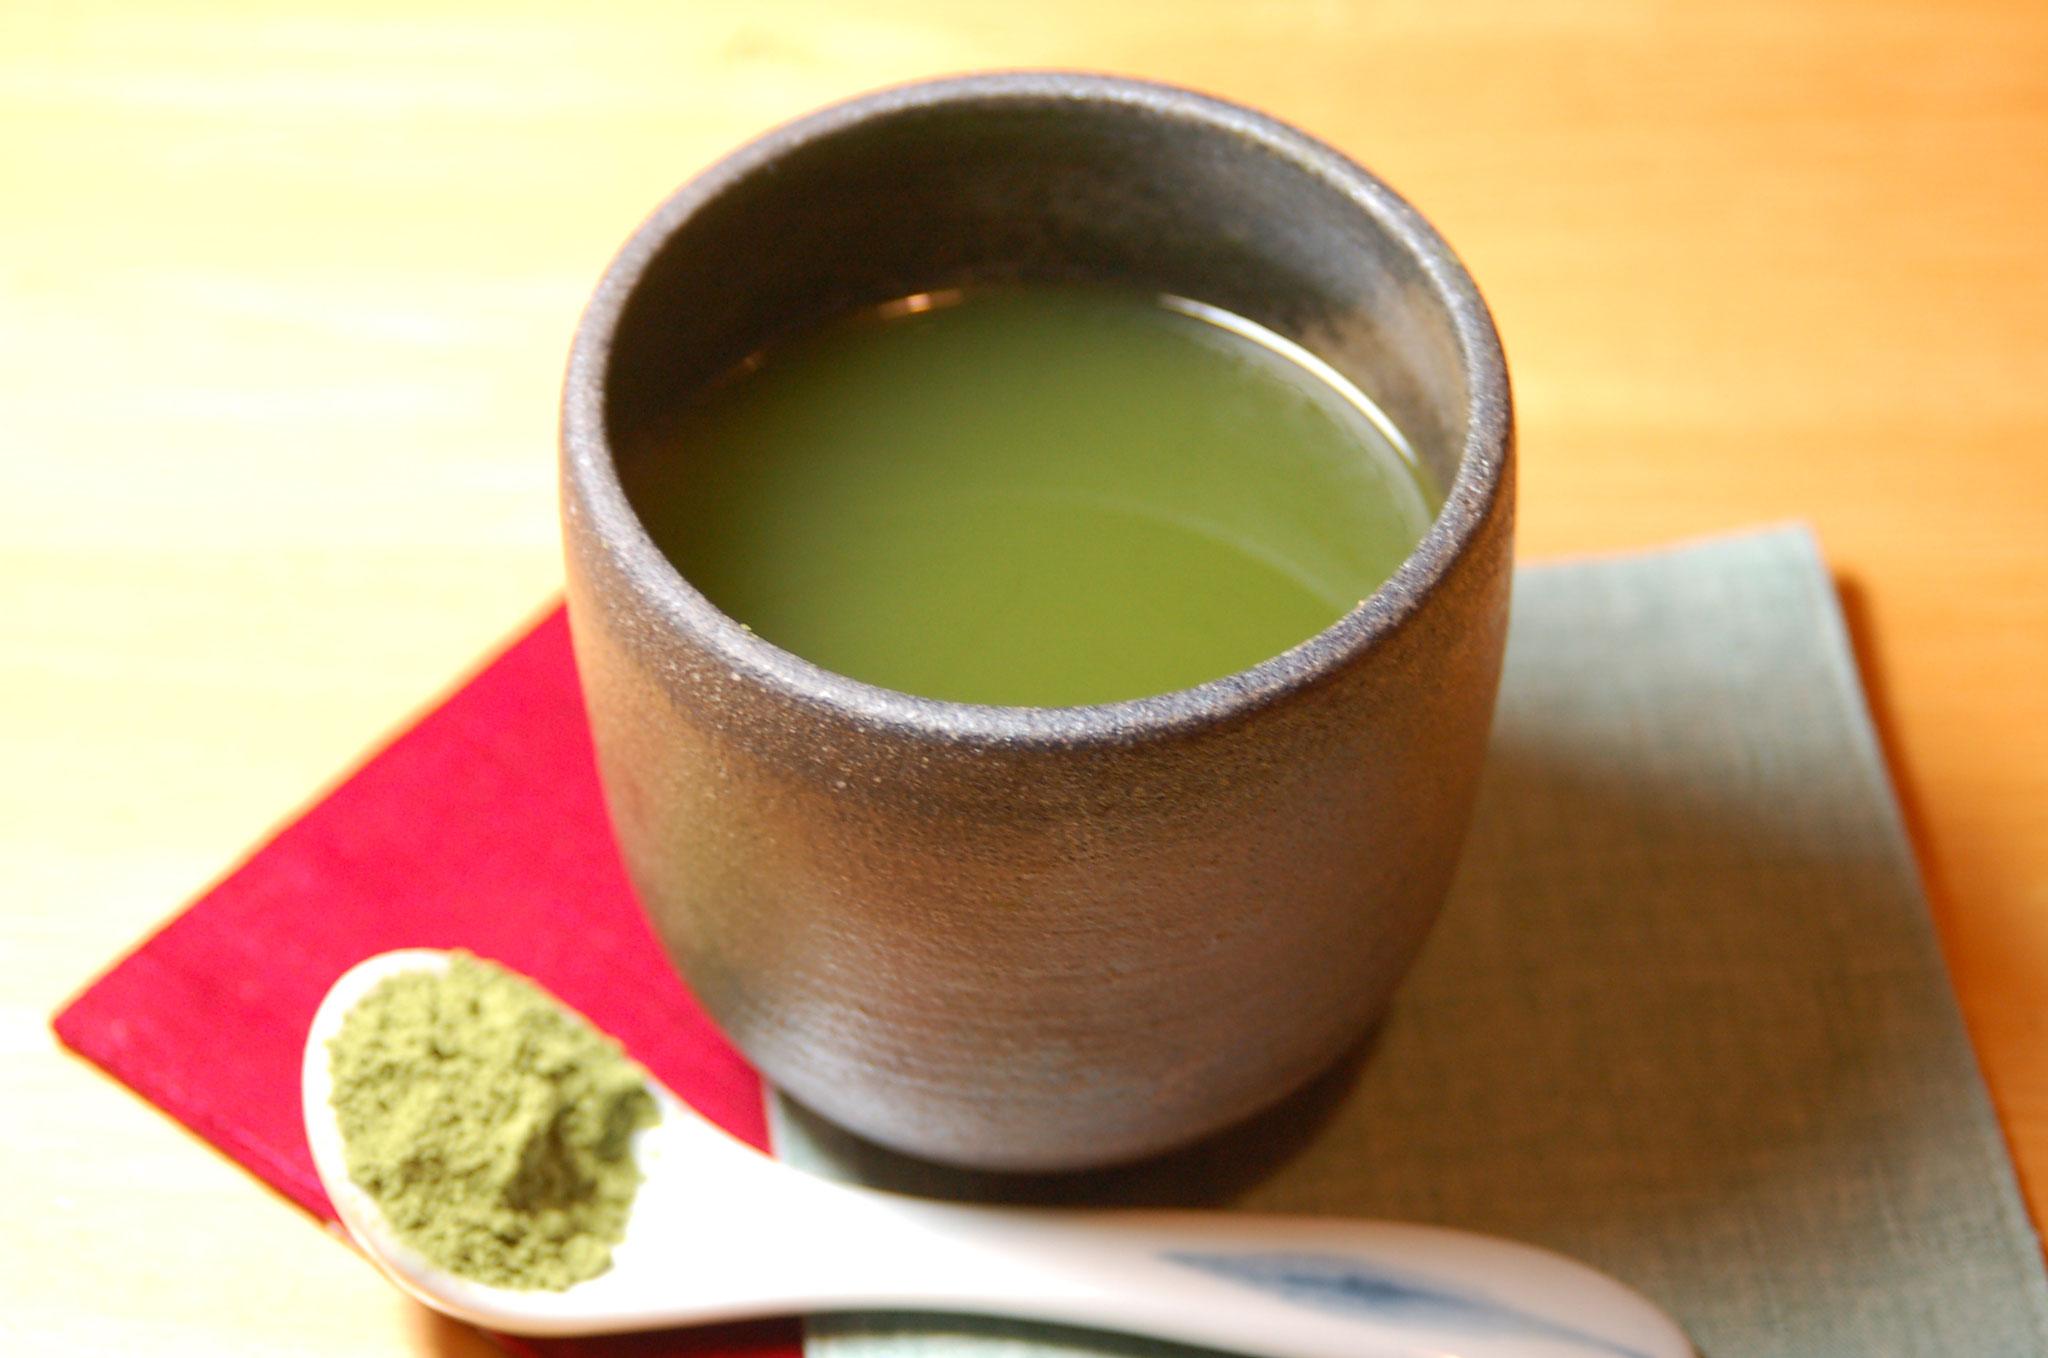 施術後は、お着替えを済ませて頂いた後、美味しい緑茶をお出しします。